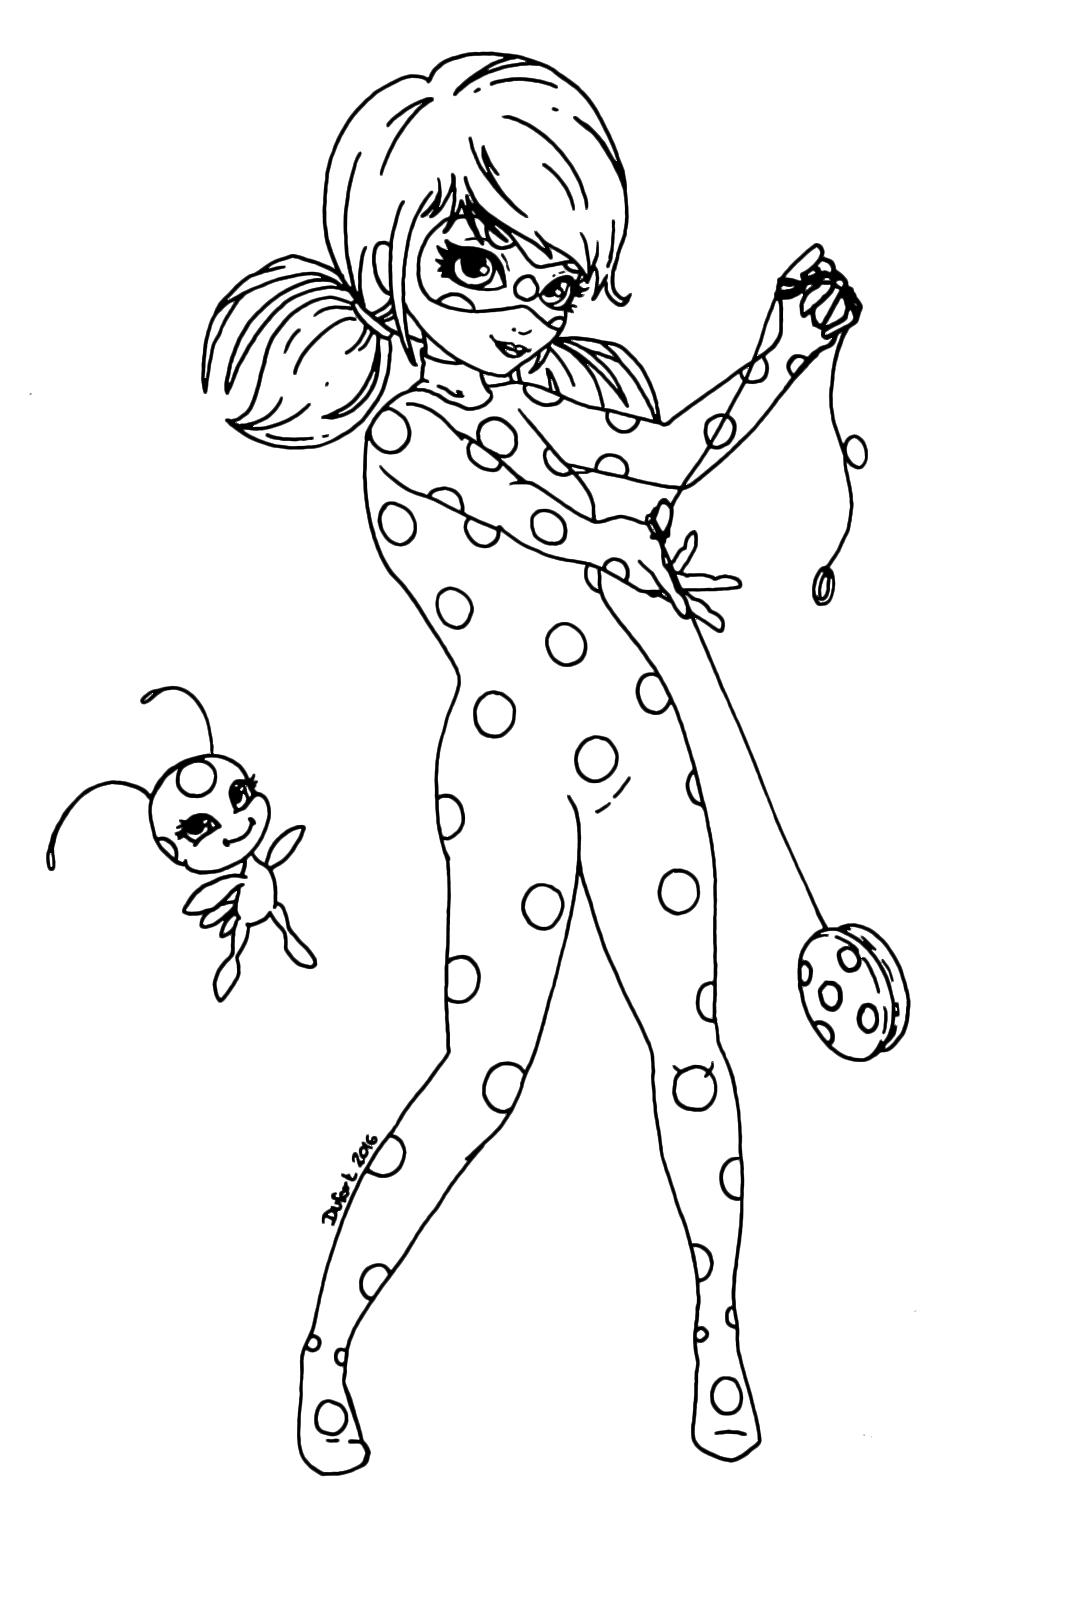 Disegno di ladybug in azione miraculous da colorare sketch for Disegni da colorare miraculous